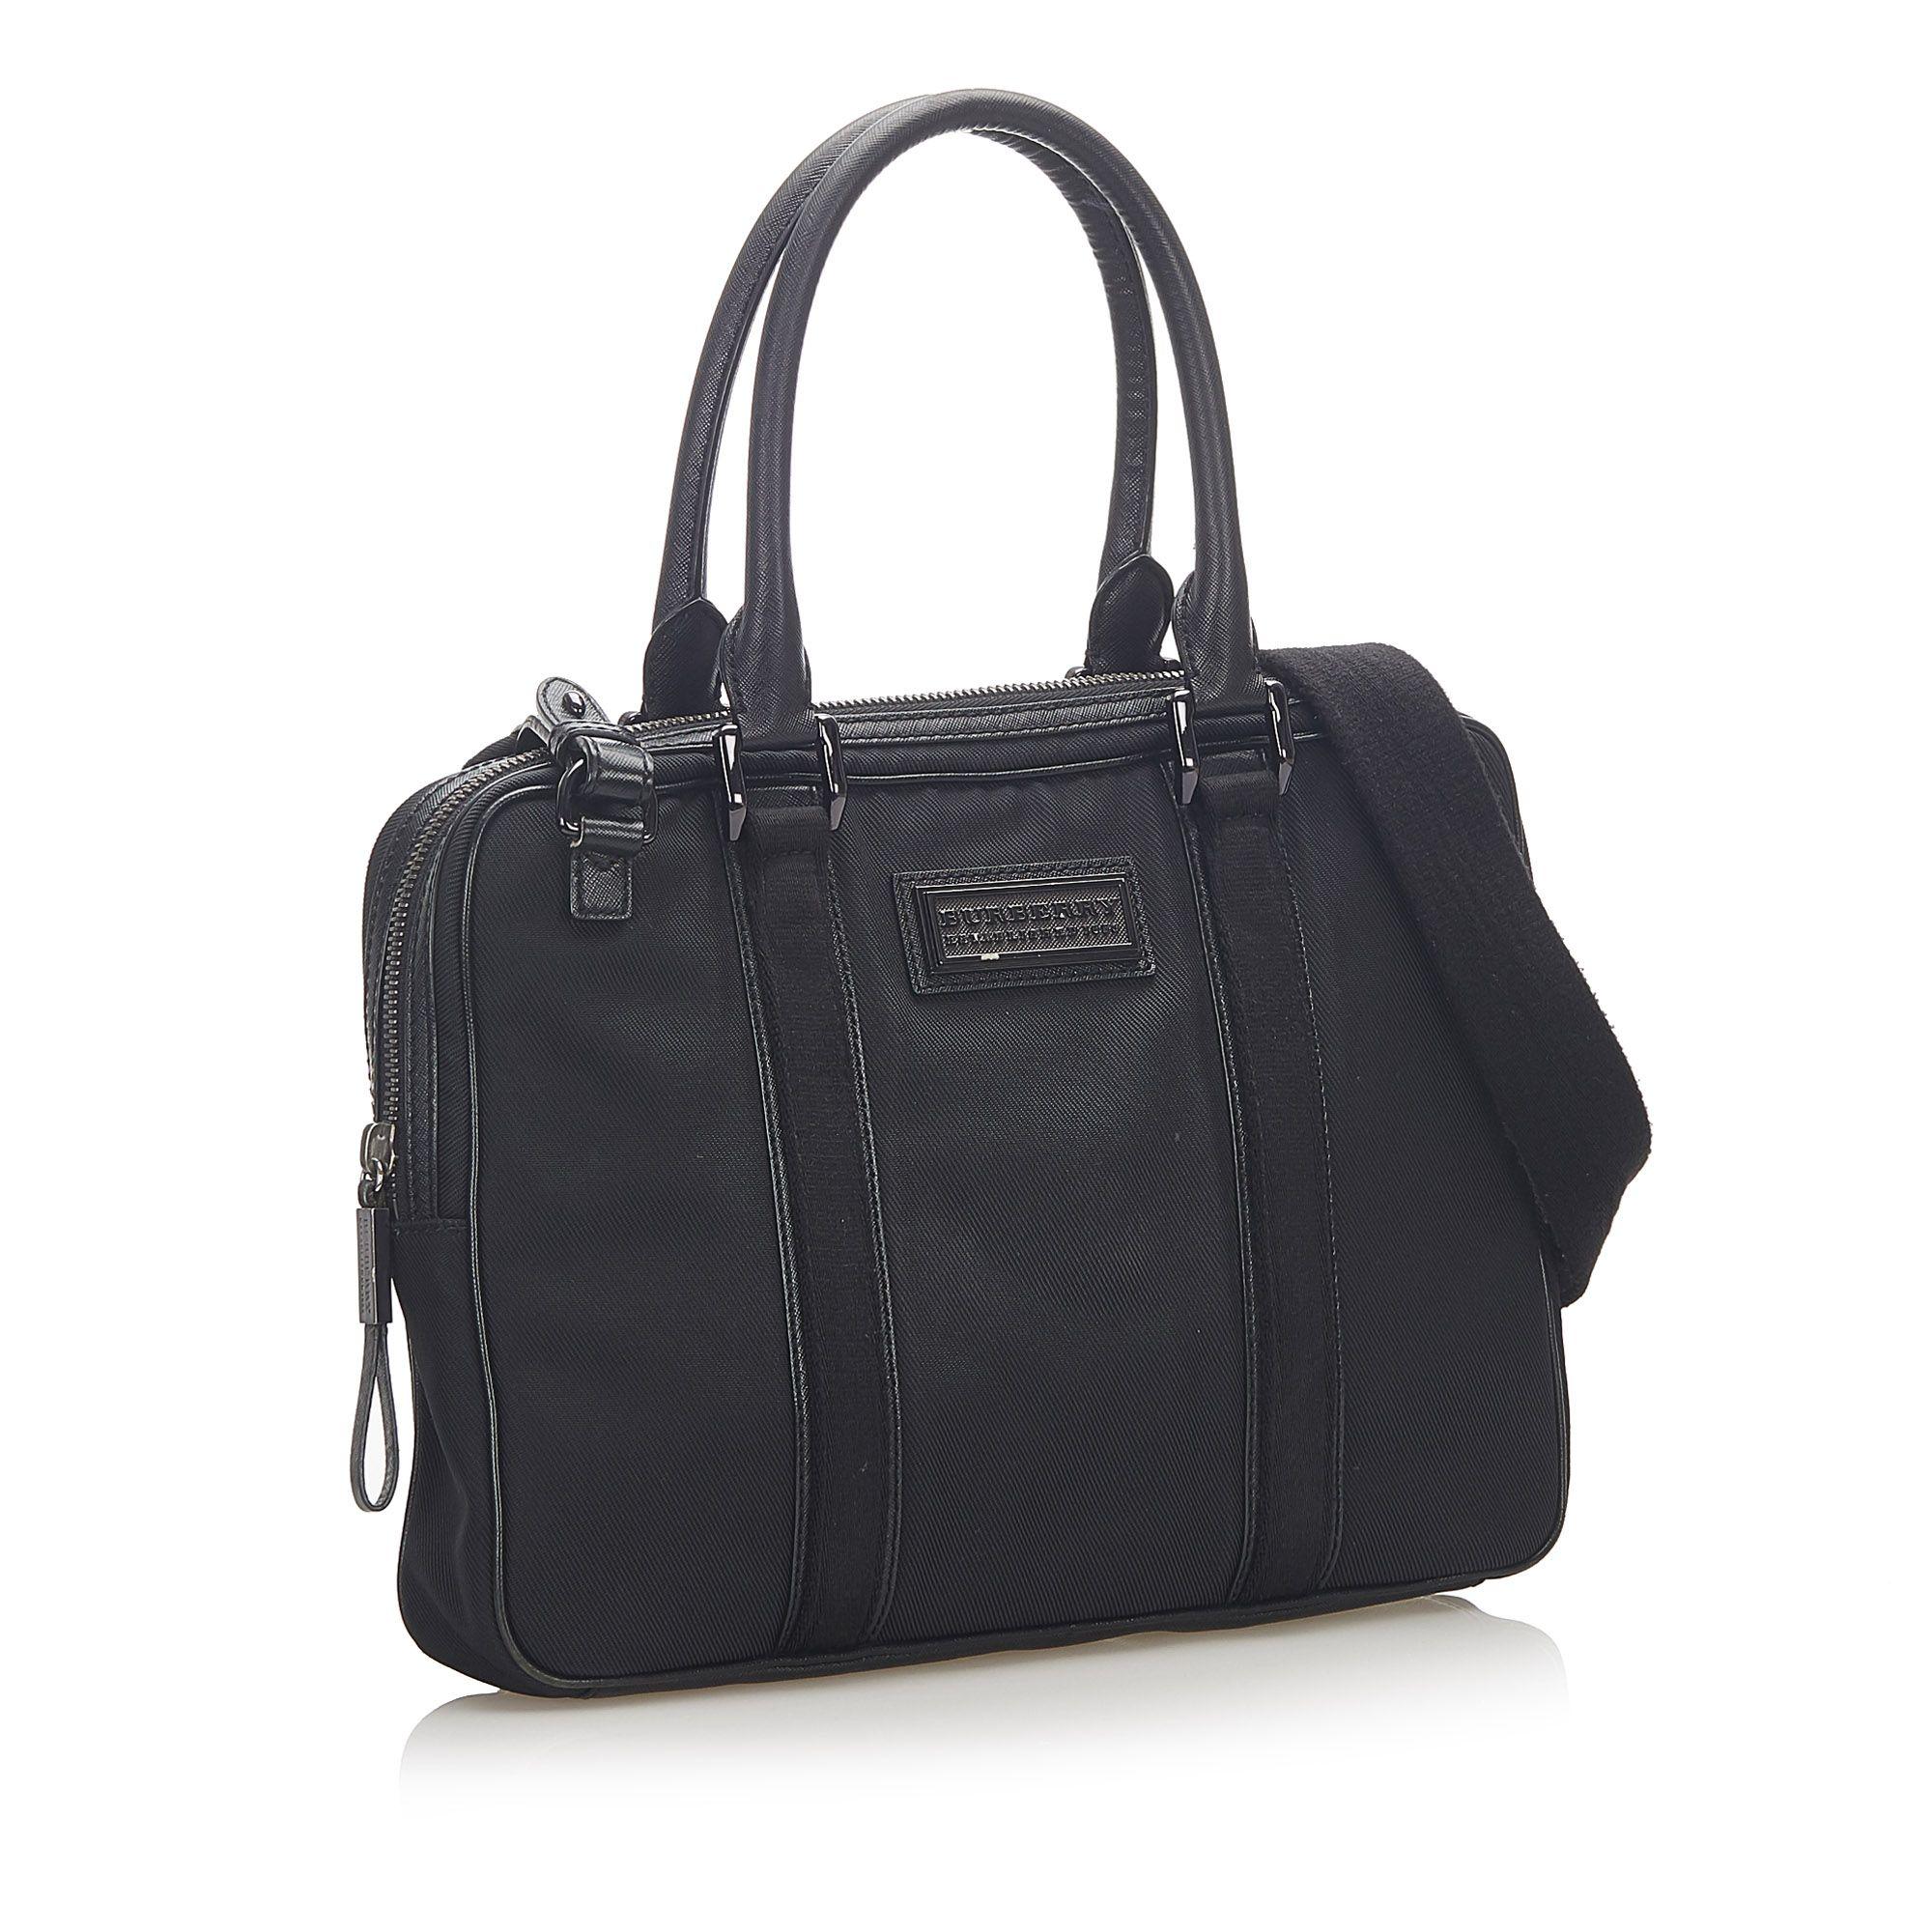 Vintage Burberry Leather Business Bag Black